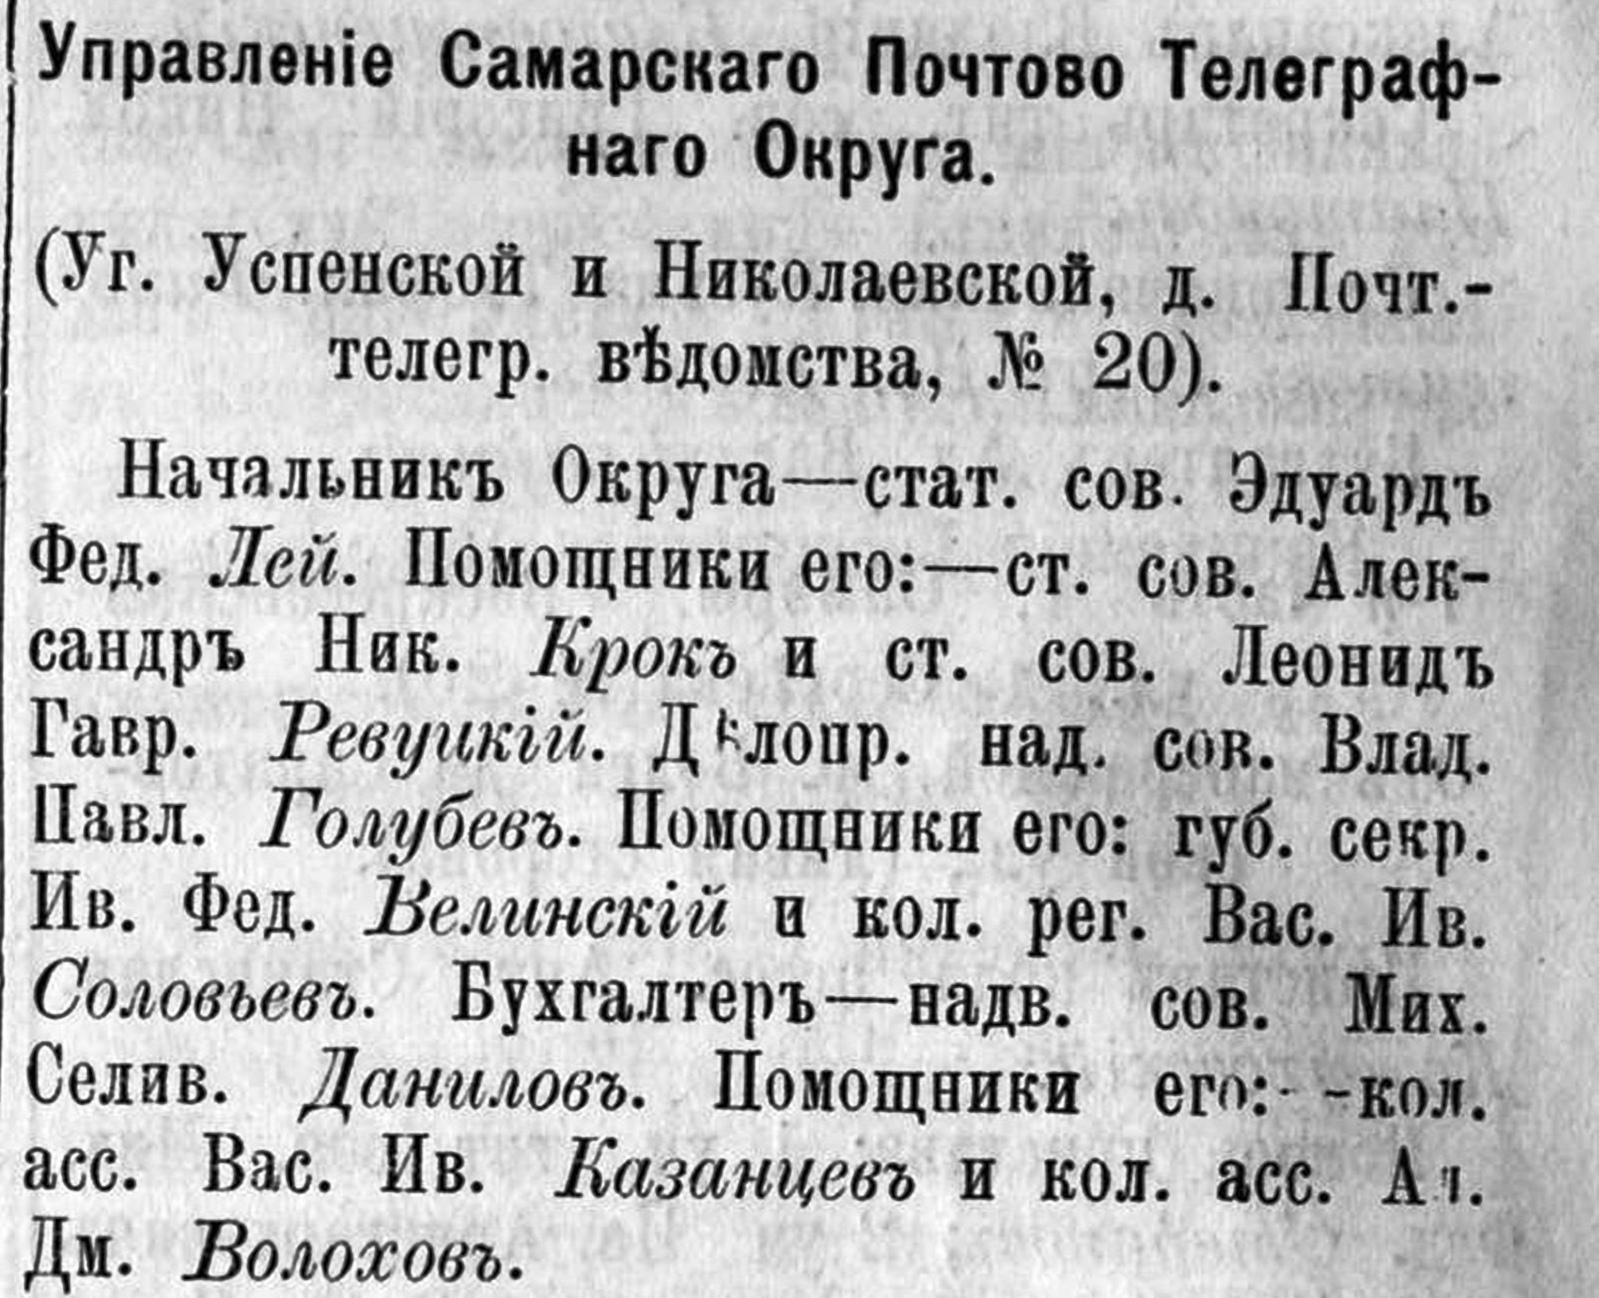 Чапаевская 20 в 1900 году